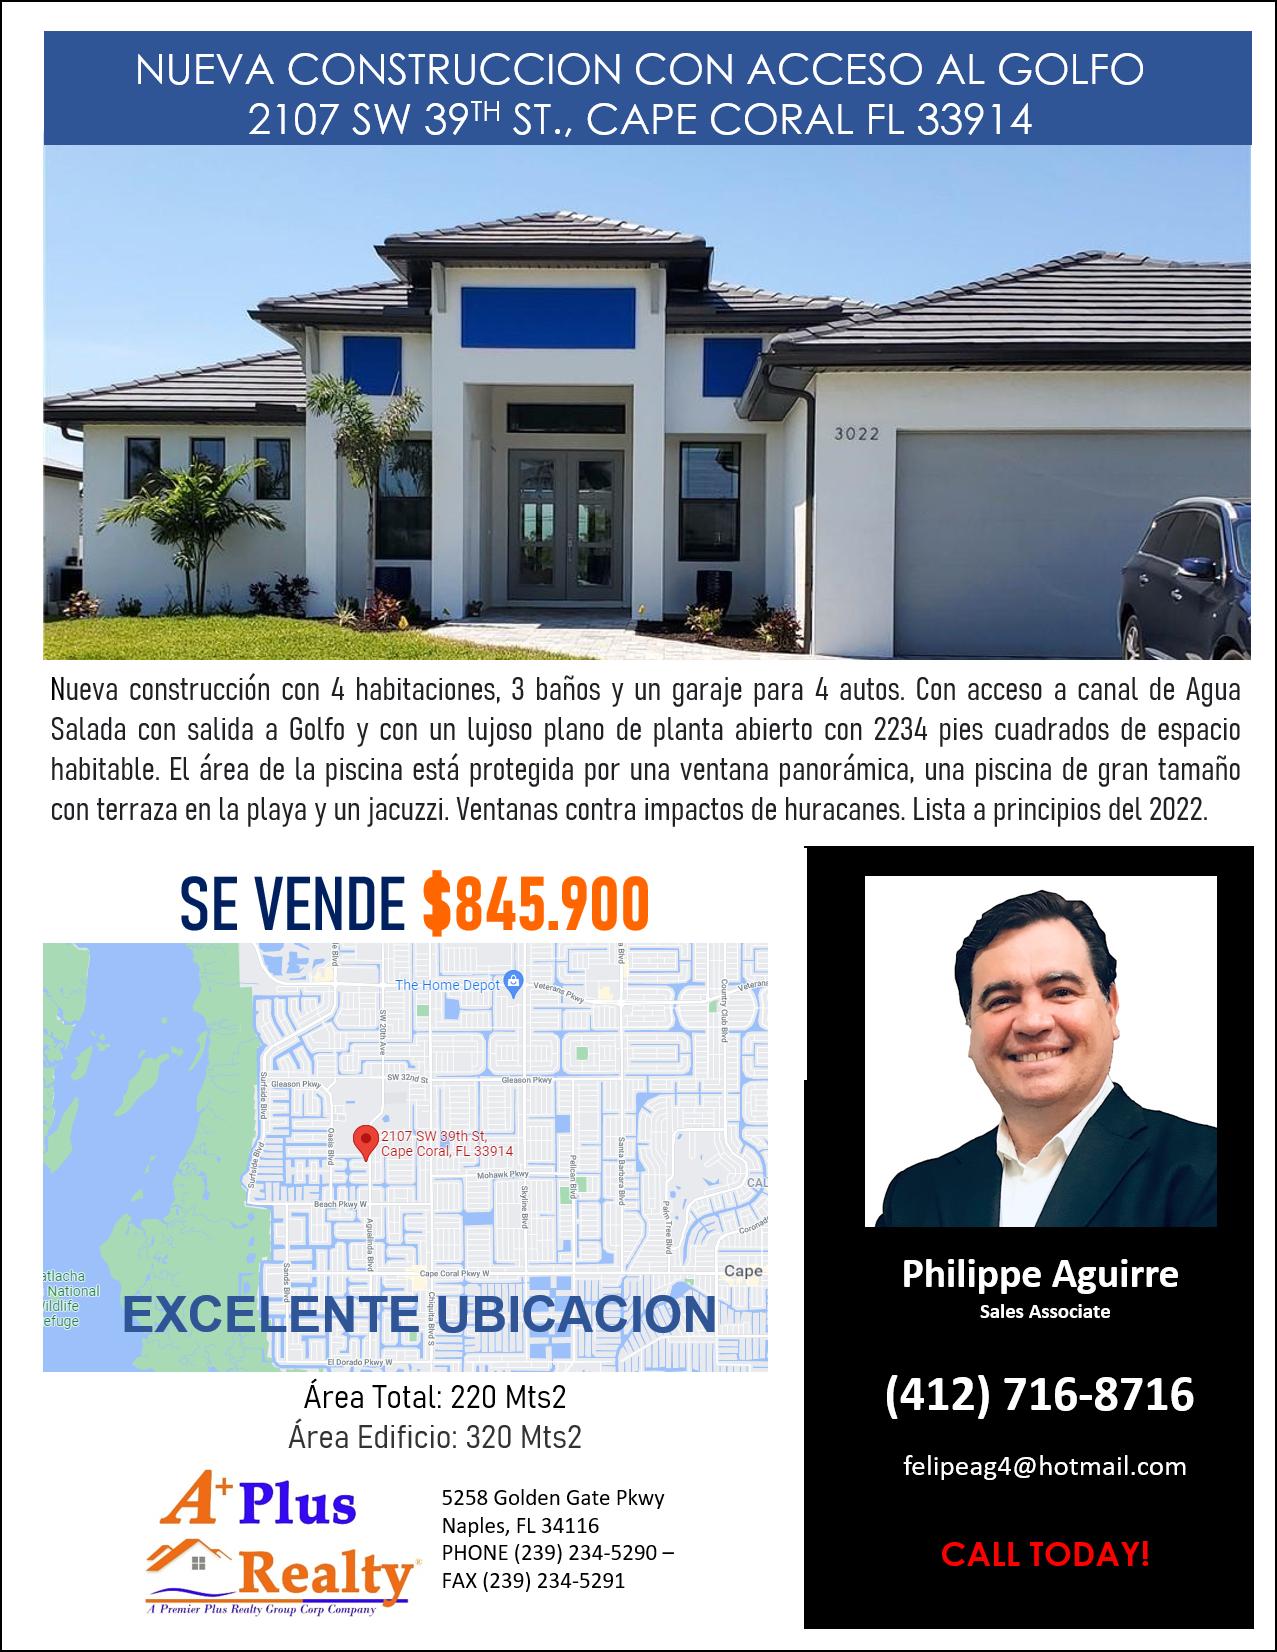 Comprar casas en la Florida 8